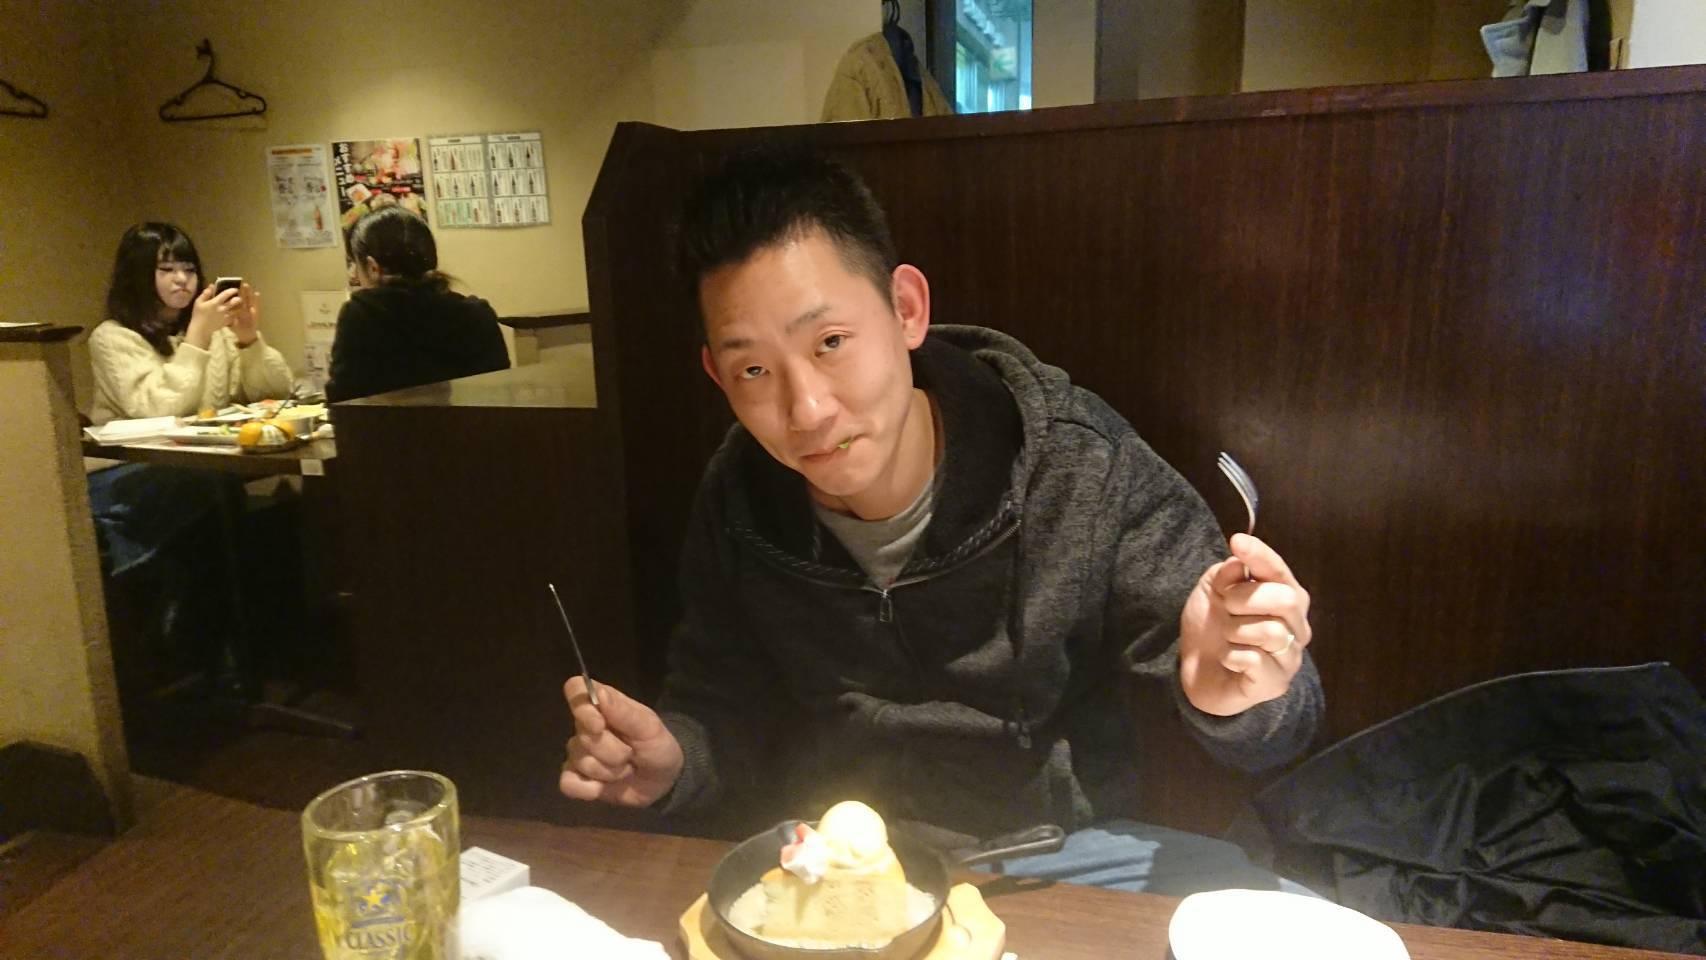 2月13日(火)☆TOMMYアウトレット☆あゆブログ(*˘︶˘*) H様マークX陸送引取☆道外納車も対応します♪_b0127002_18355748.jpg